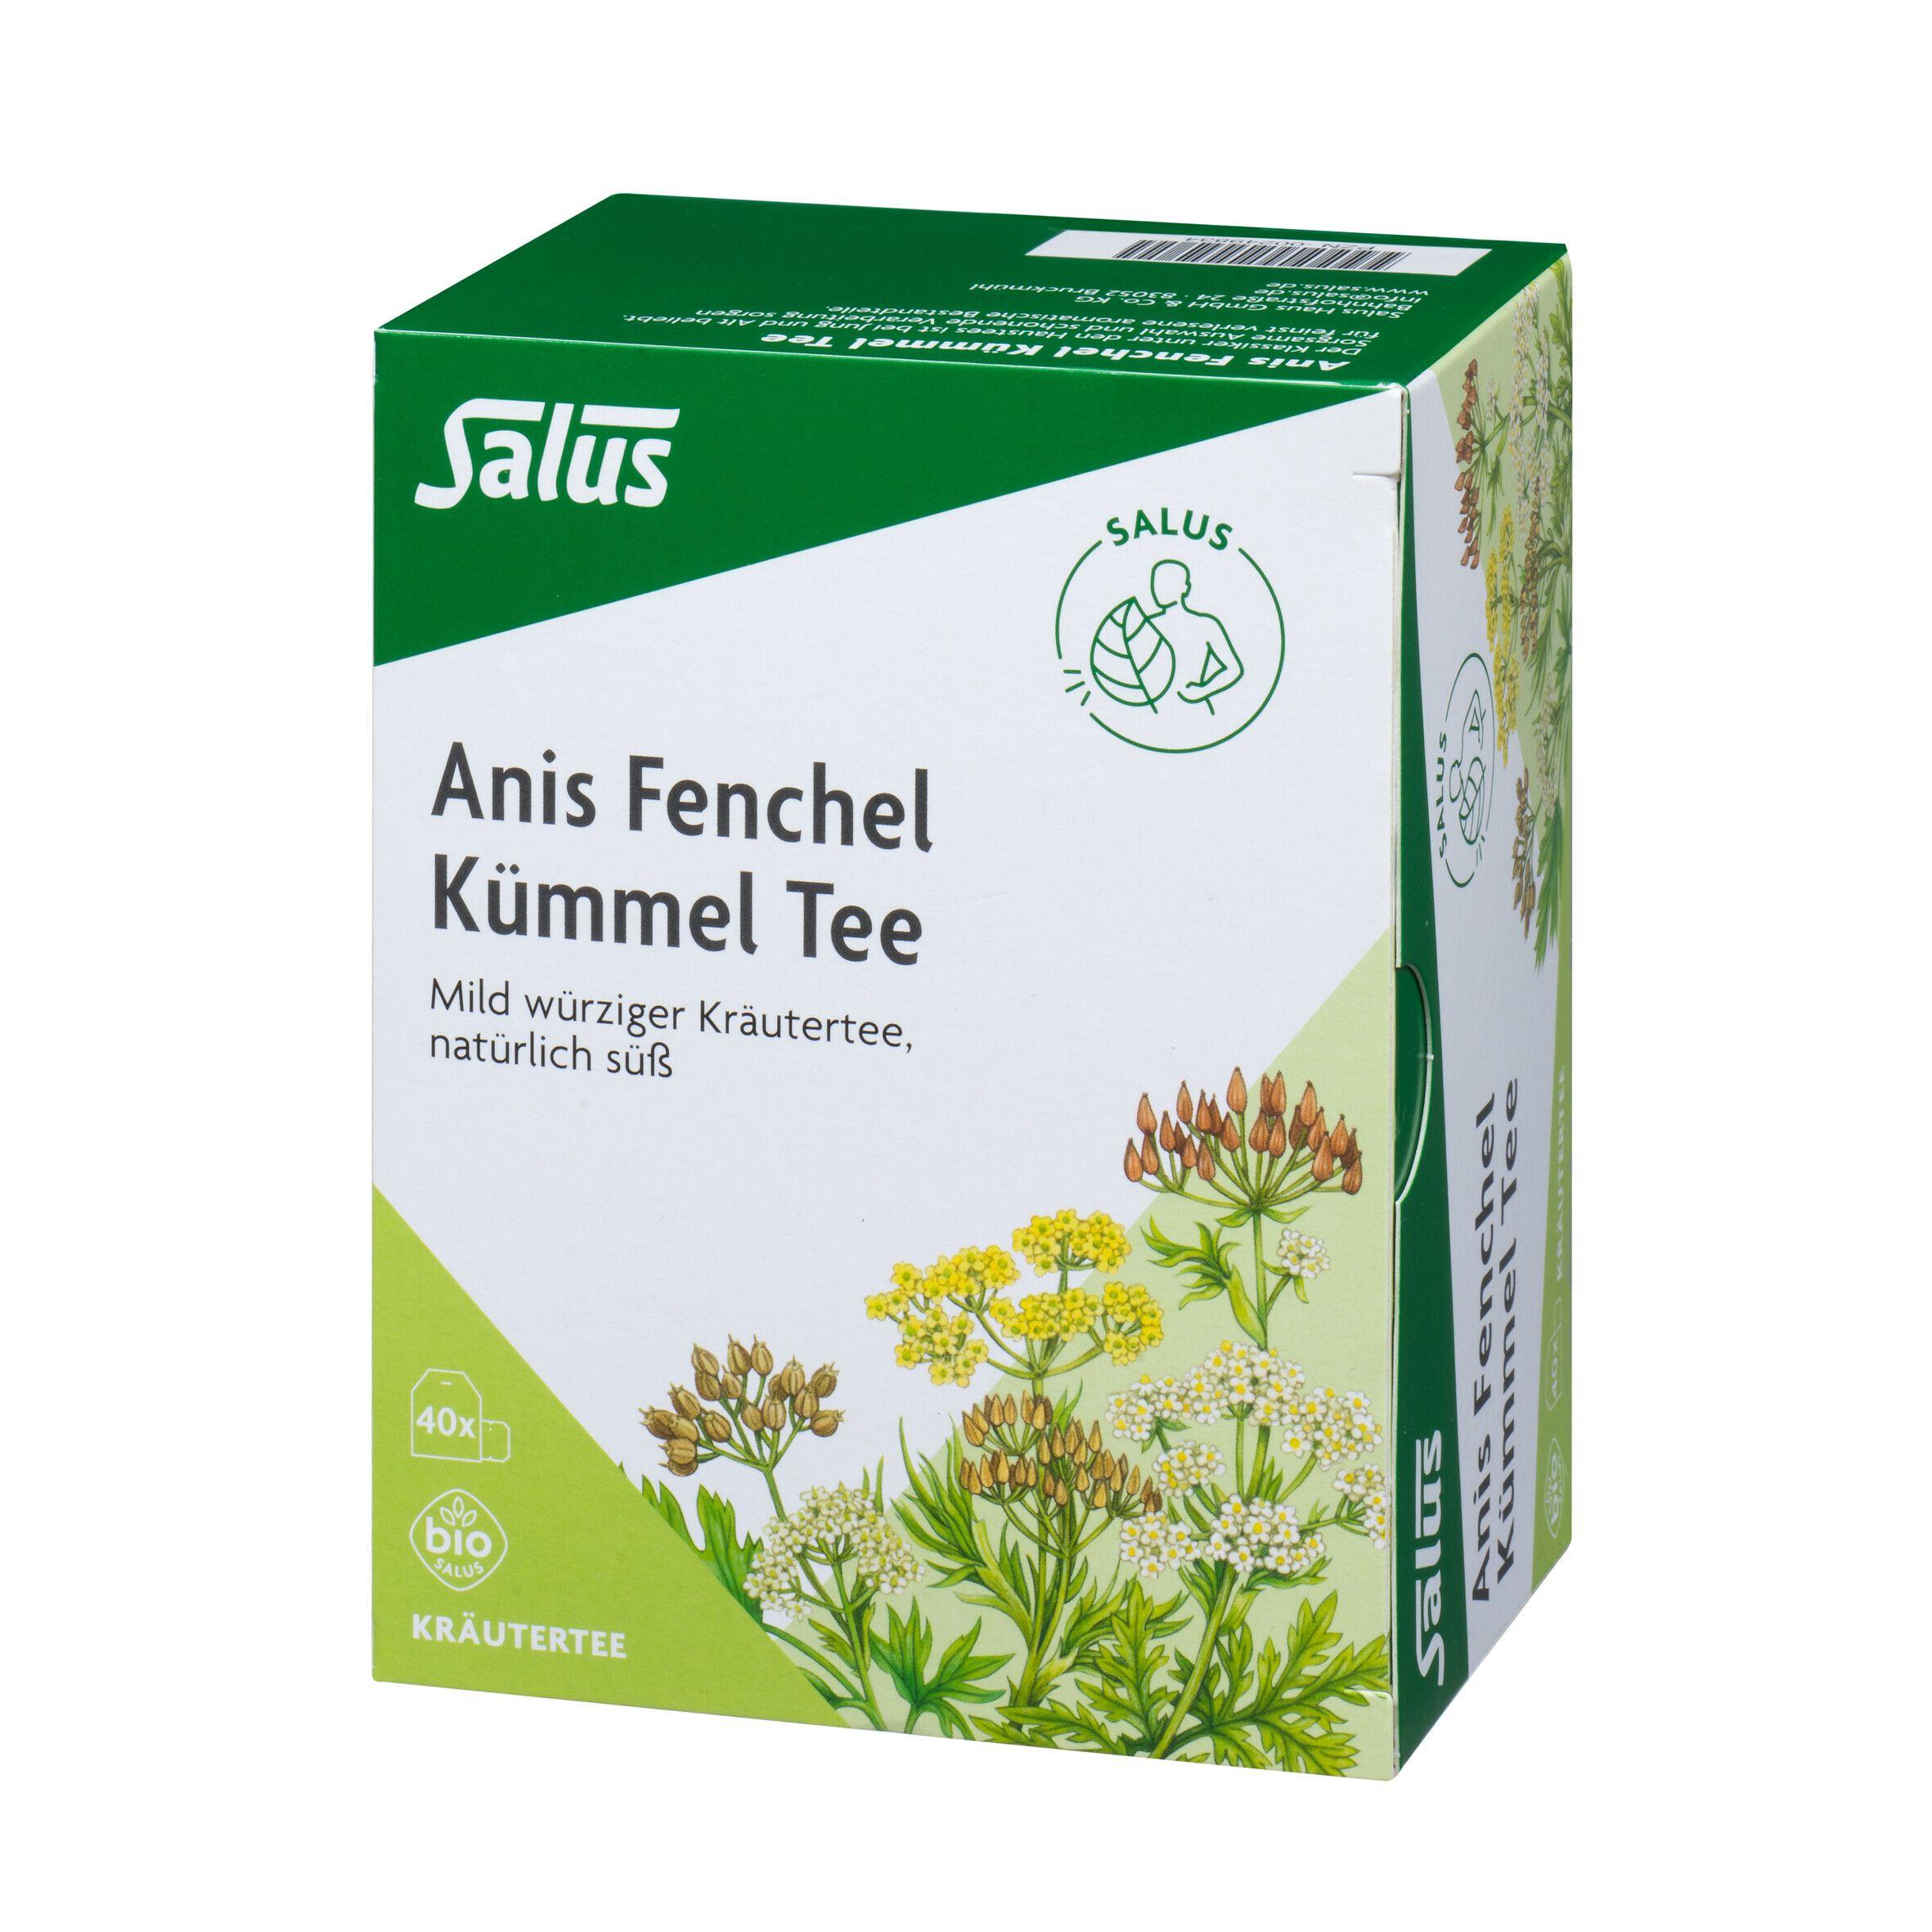 Fenchel Anis Kümmel Tee Baby Dosierung